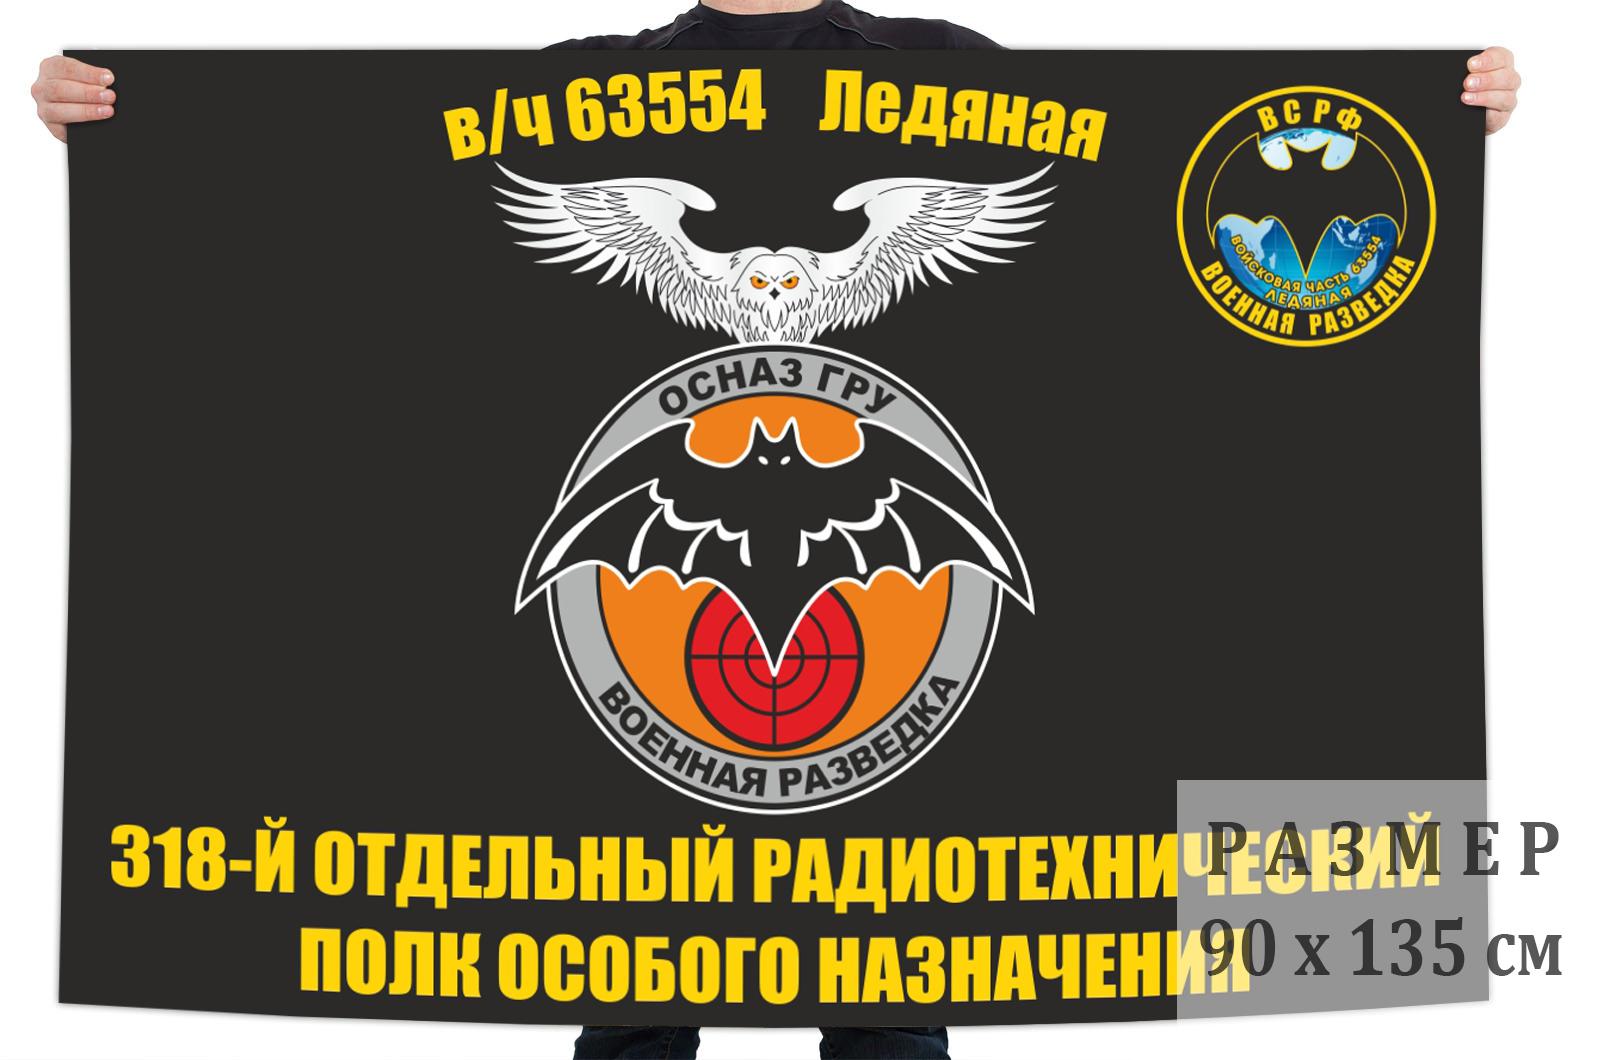 Флаг 318 отдельного радиотехнического полка особого назначения ГРУ